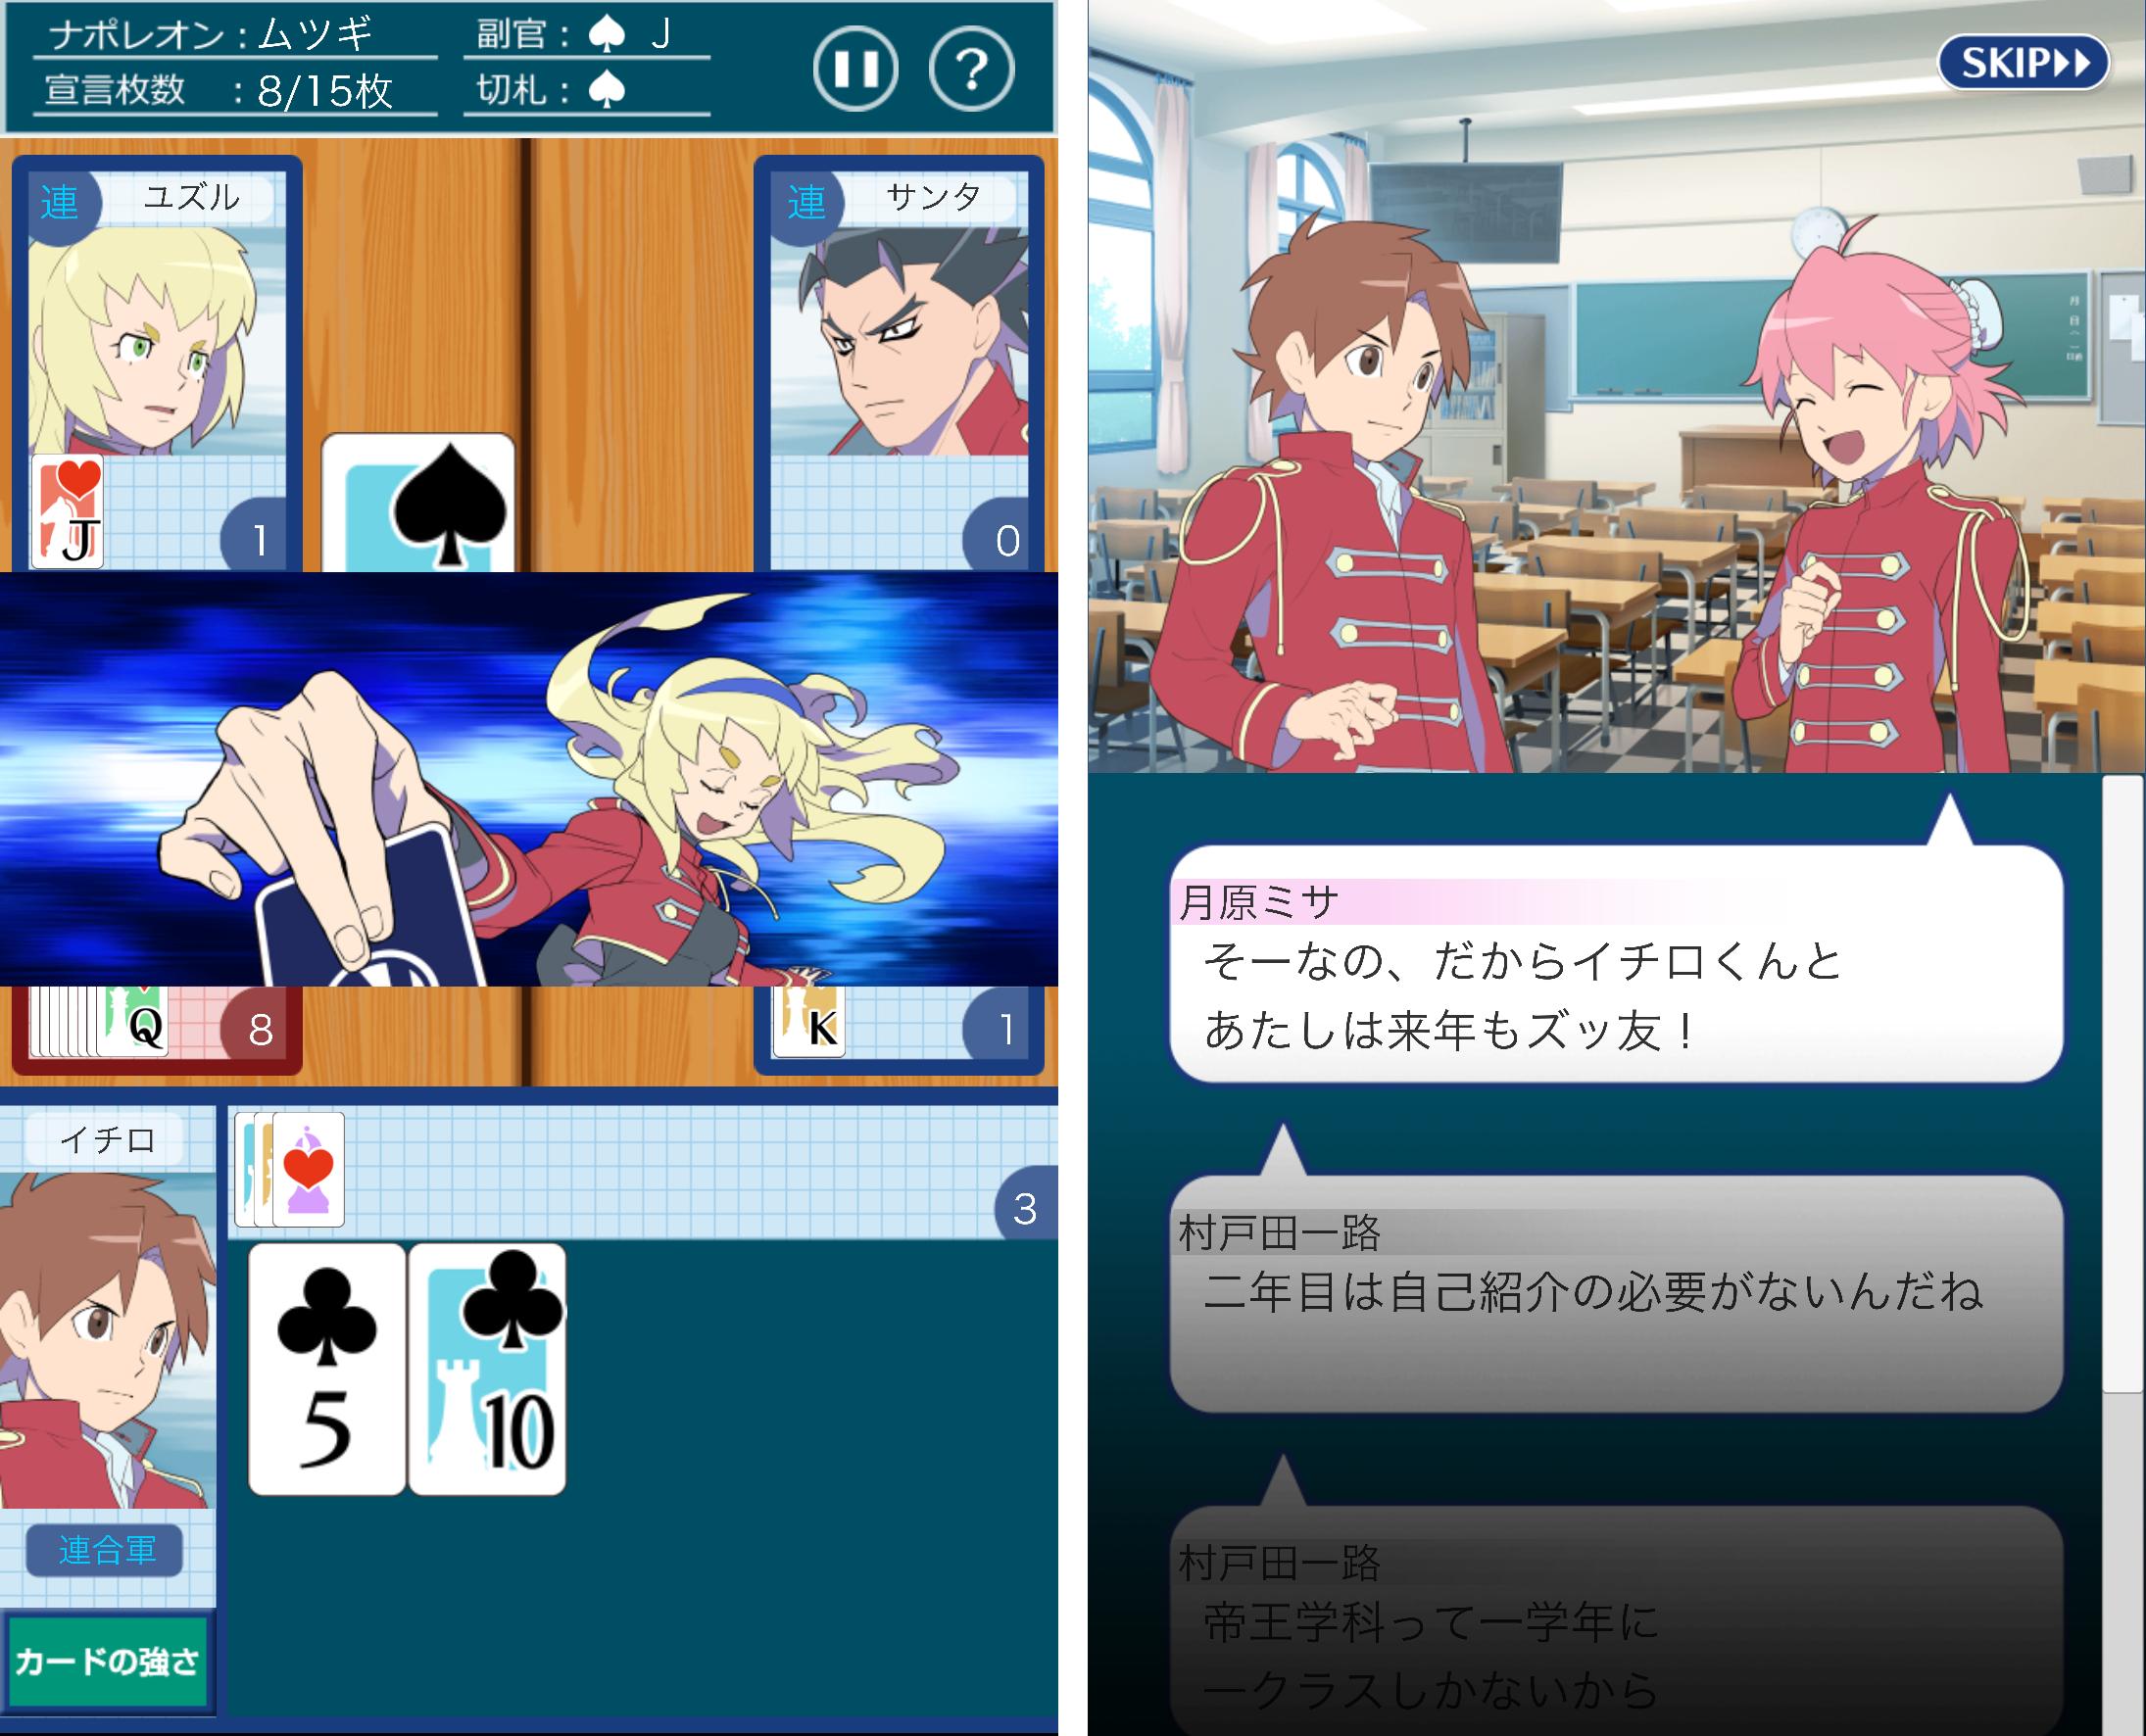 日直争奪ナポレオン学園(トランプゲーム) androidアプリスクリーンショット1